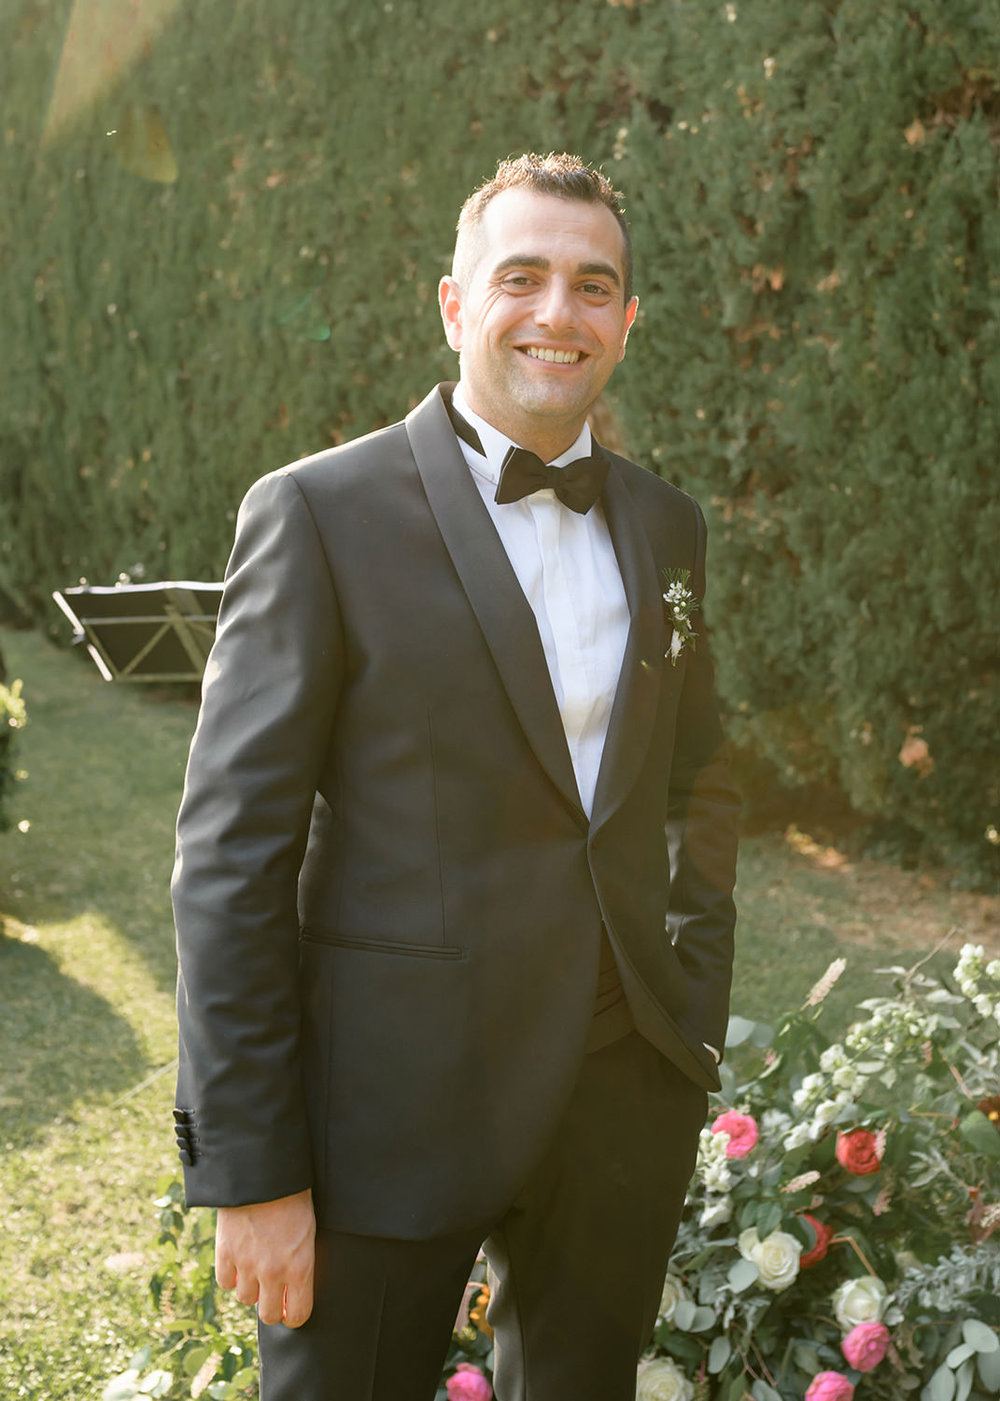 villa-pizzo-wedding-photographer-F&E-©bottega53-23.JPG